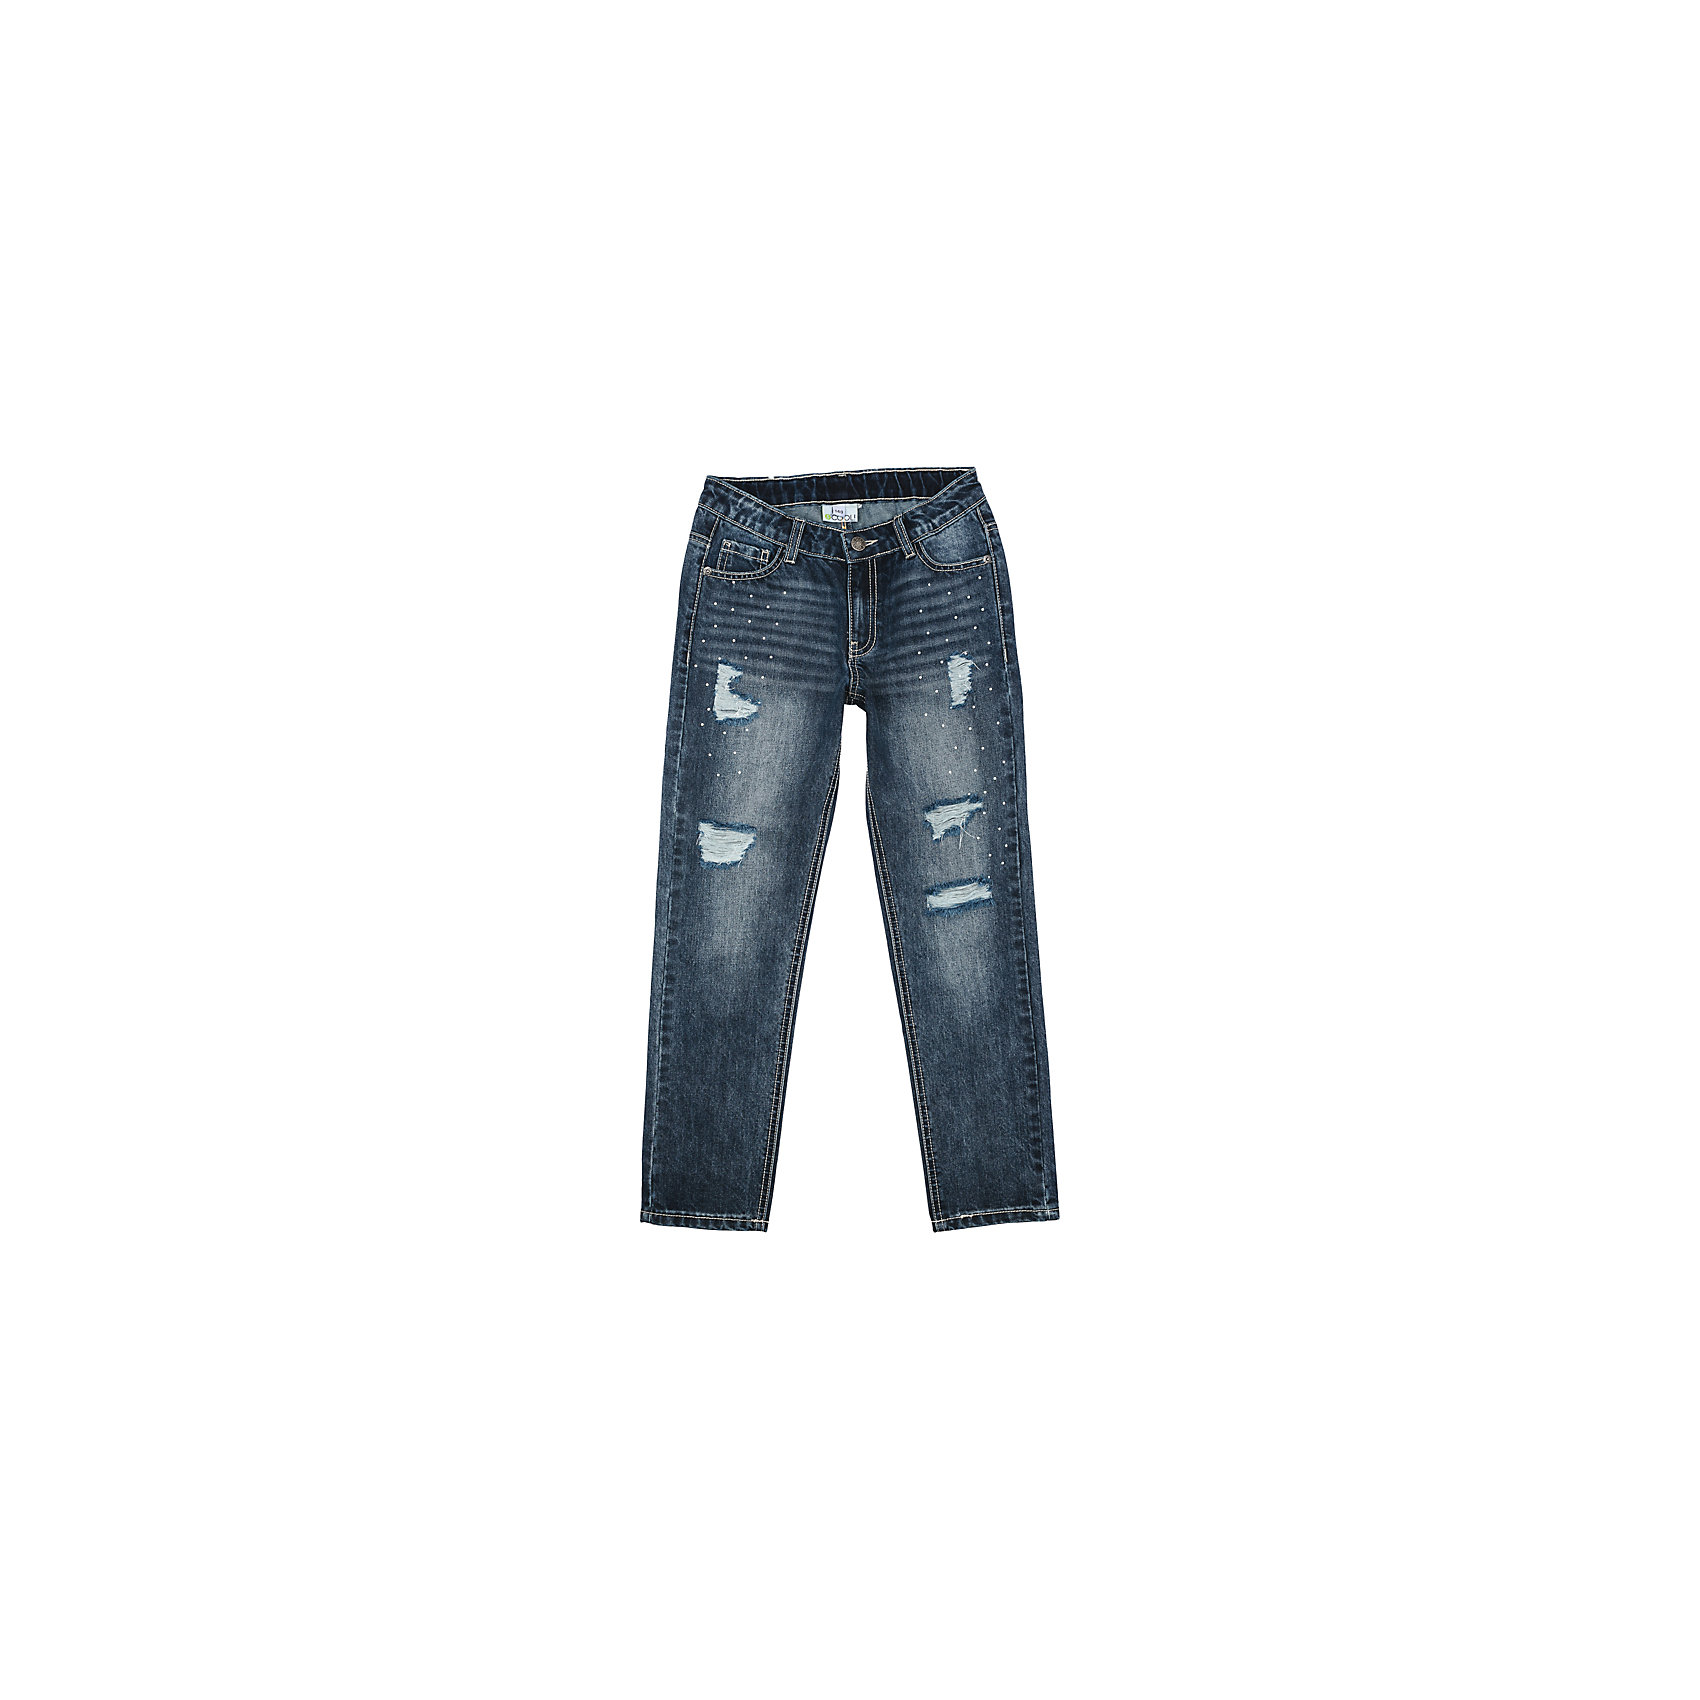 Джинсы для девочки ScoolДжинсовая одежда<br>Характеристики товара:<br><br>• цвет: синий<br>• состав: 100% хлопок<br>• сезон: демисезон<br>• декорированы стразами<br>• эффект потертостей<br>• карманы <br>• джинсы со шлевками<br>• страна бренда: Германия<br>• страна производства: Китай<br><br>Джинсы для девочки Scool. Джинсы с потертостями прекрасно подойдут ребенку для отдыха и прогулок. Модель со шлевками, при необходимости может быть дополнена ремнем. Модель декорирована яркими стразами. Джинсы могут быть хорошей базовой вещью в детском гардеробе.<br><br>Джинсы для девочки от известного бренда Scool можно купить в нашем интернет-магазине.<br><br>Ширина мм: 215<br>Глубина мм: 88<br>Высота мм: 191<br>Вес г: 336<br>Цвет: синий<br>Возраст от месяцев: 156<br>Возраст до месяцев: 168<br>Пол: Женский<br>Возраст: Детский<br>Размер: 164,134,140,146,152,158<br>SKU: 5407015